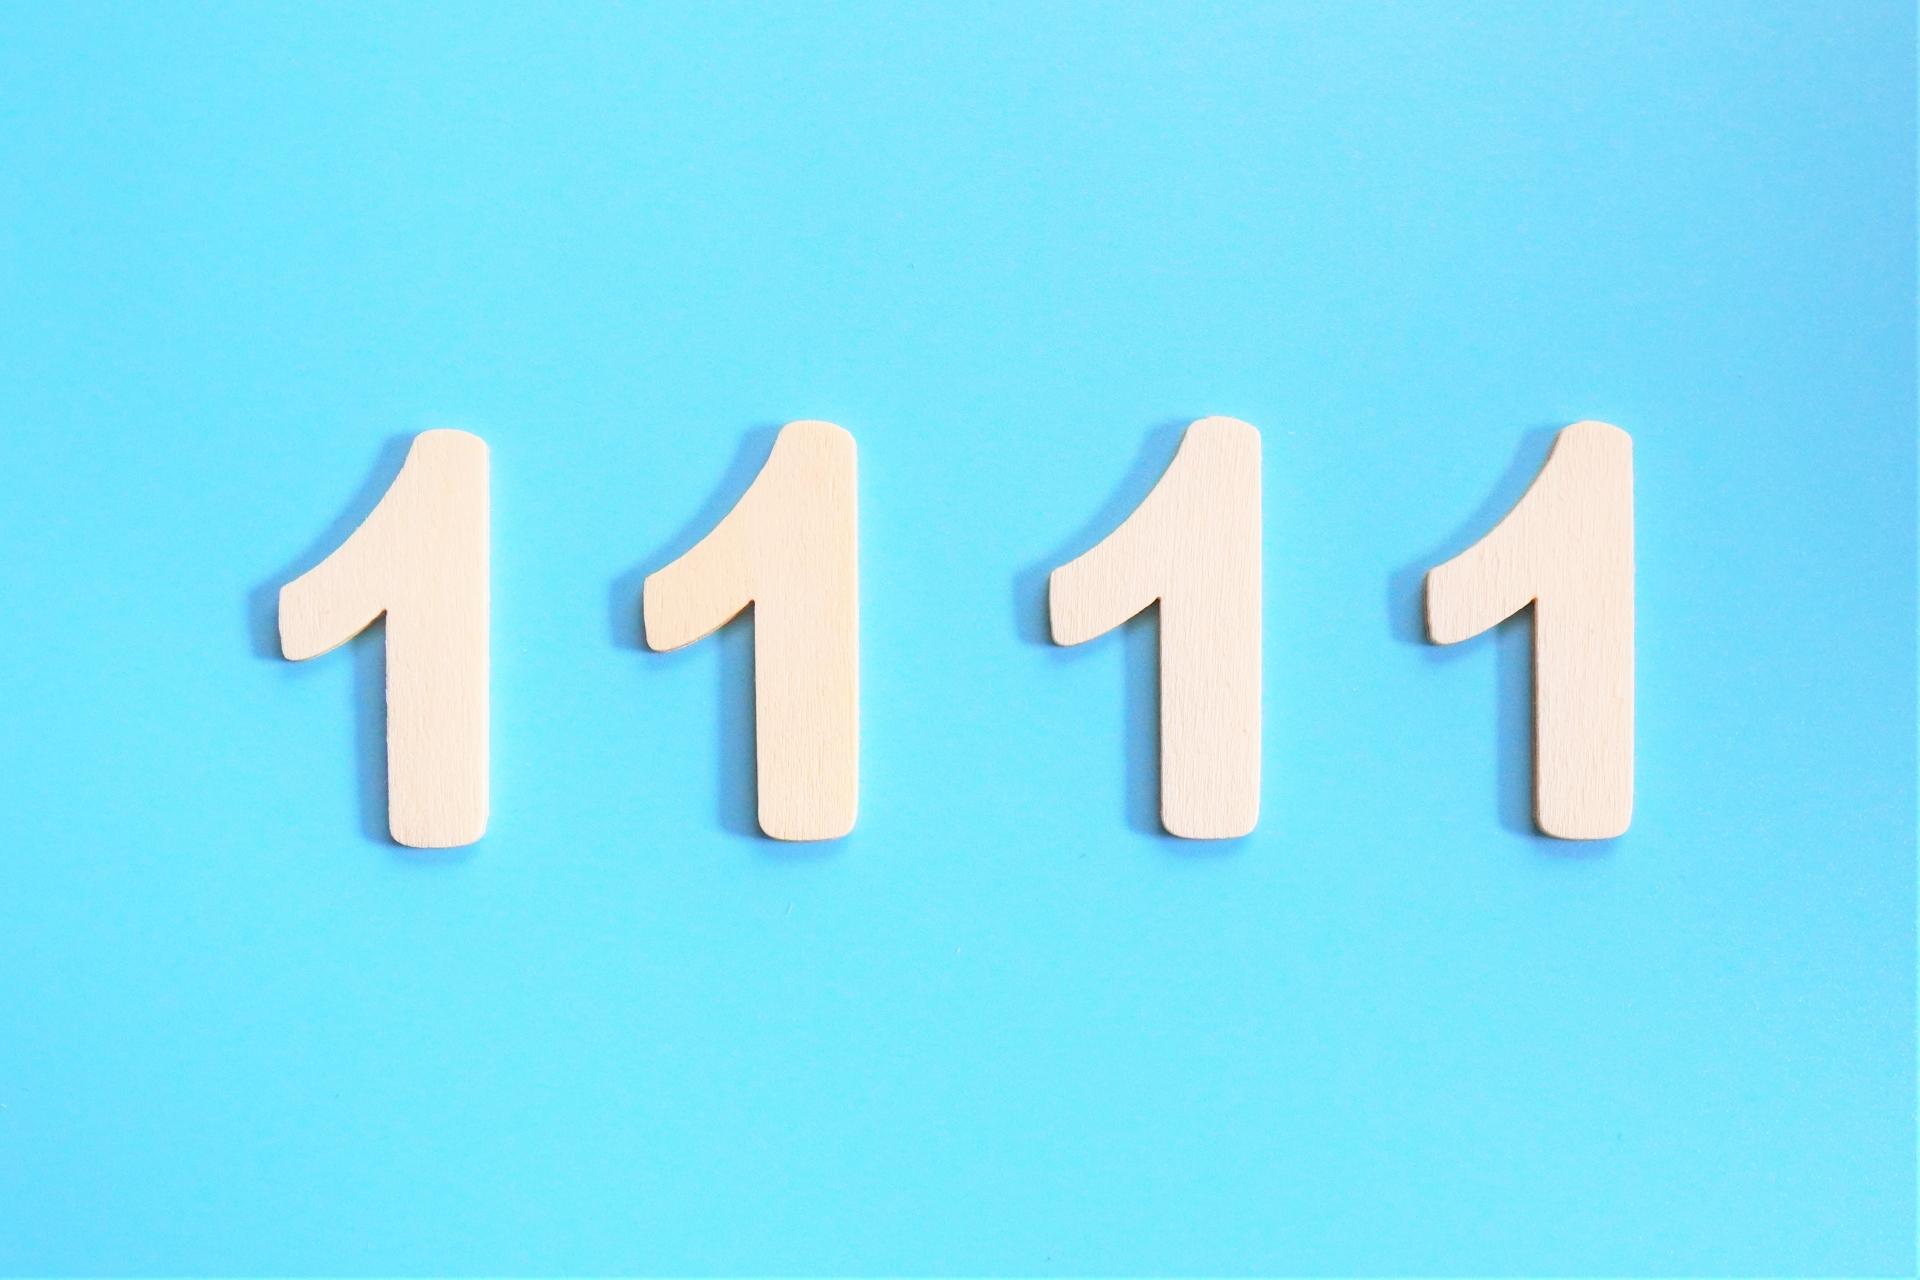 エンジェルナンバー1111の意味とは?